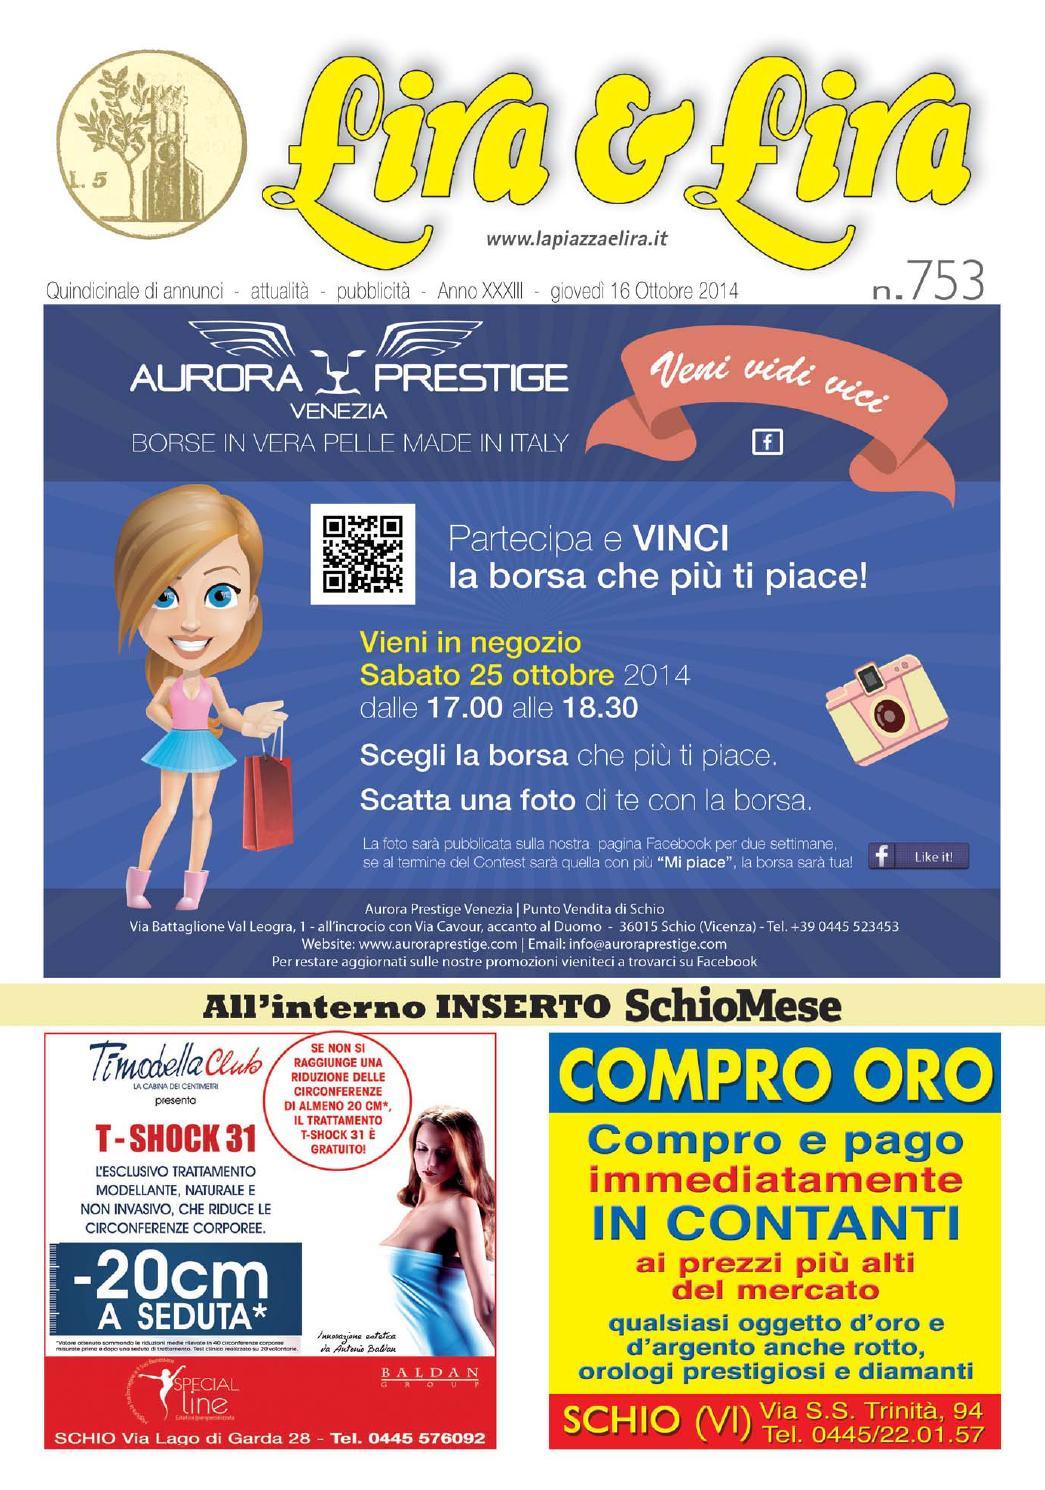 9b2091f376f8 Lira & Lira 753 by Pubblistudio Pubblicità srl - issuu